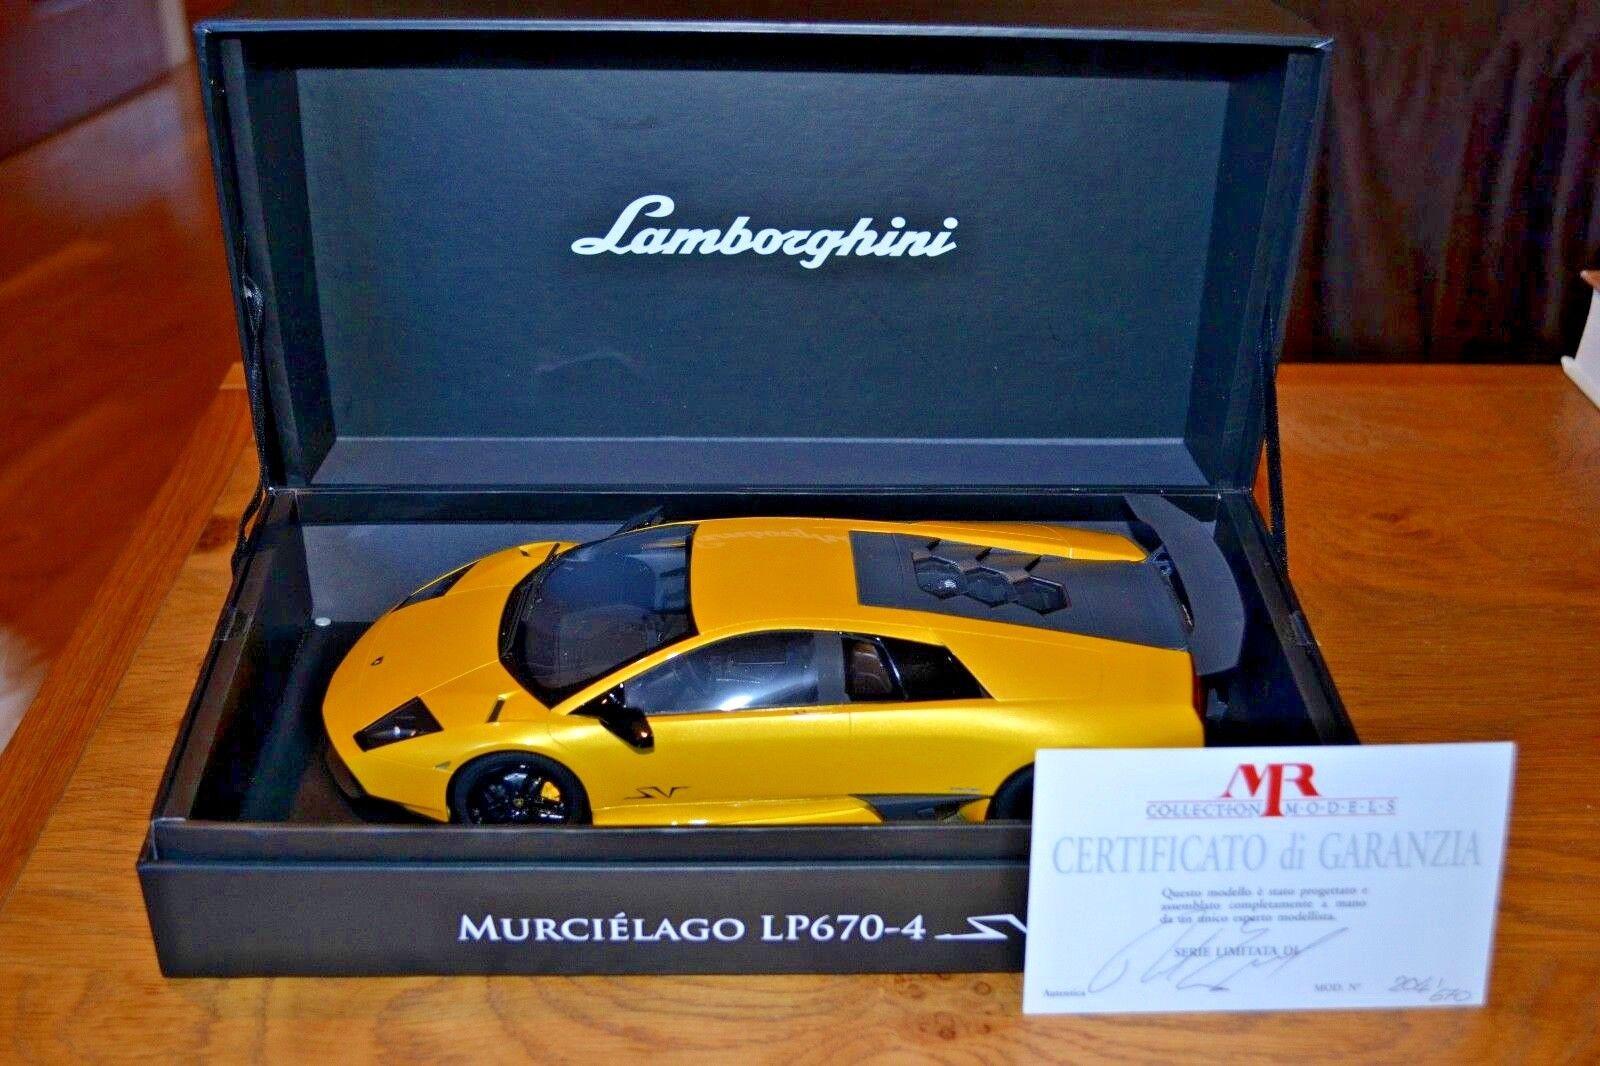 La passion illumine Noël, tous les bons cadeaux cadeaux cadeaux sont en Irak. 1/18 MR COLLECTION MODELS Lamborghini Murcielago LP670-4 SV avec certificat | Elaborer  | 2019  2f6f8e